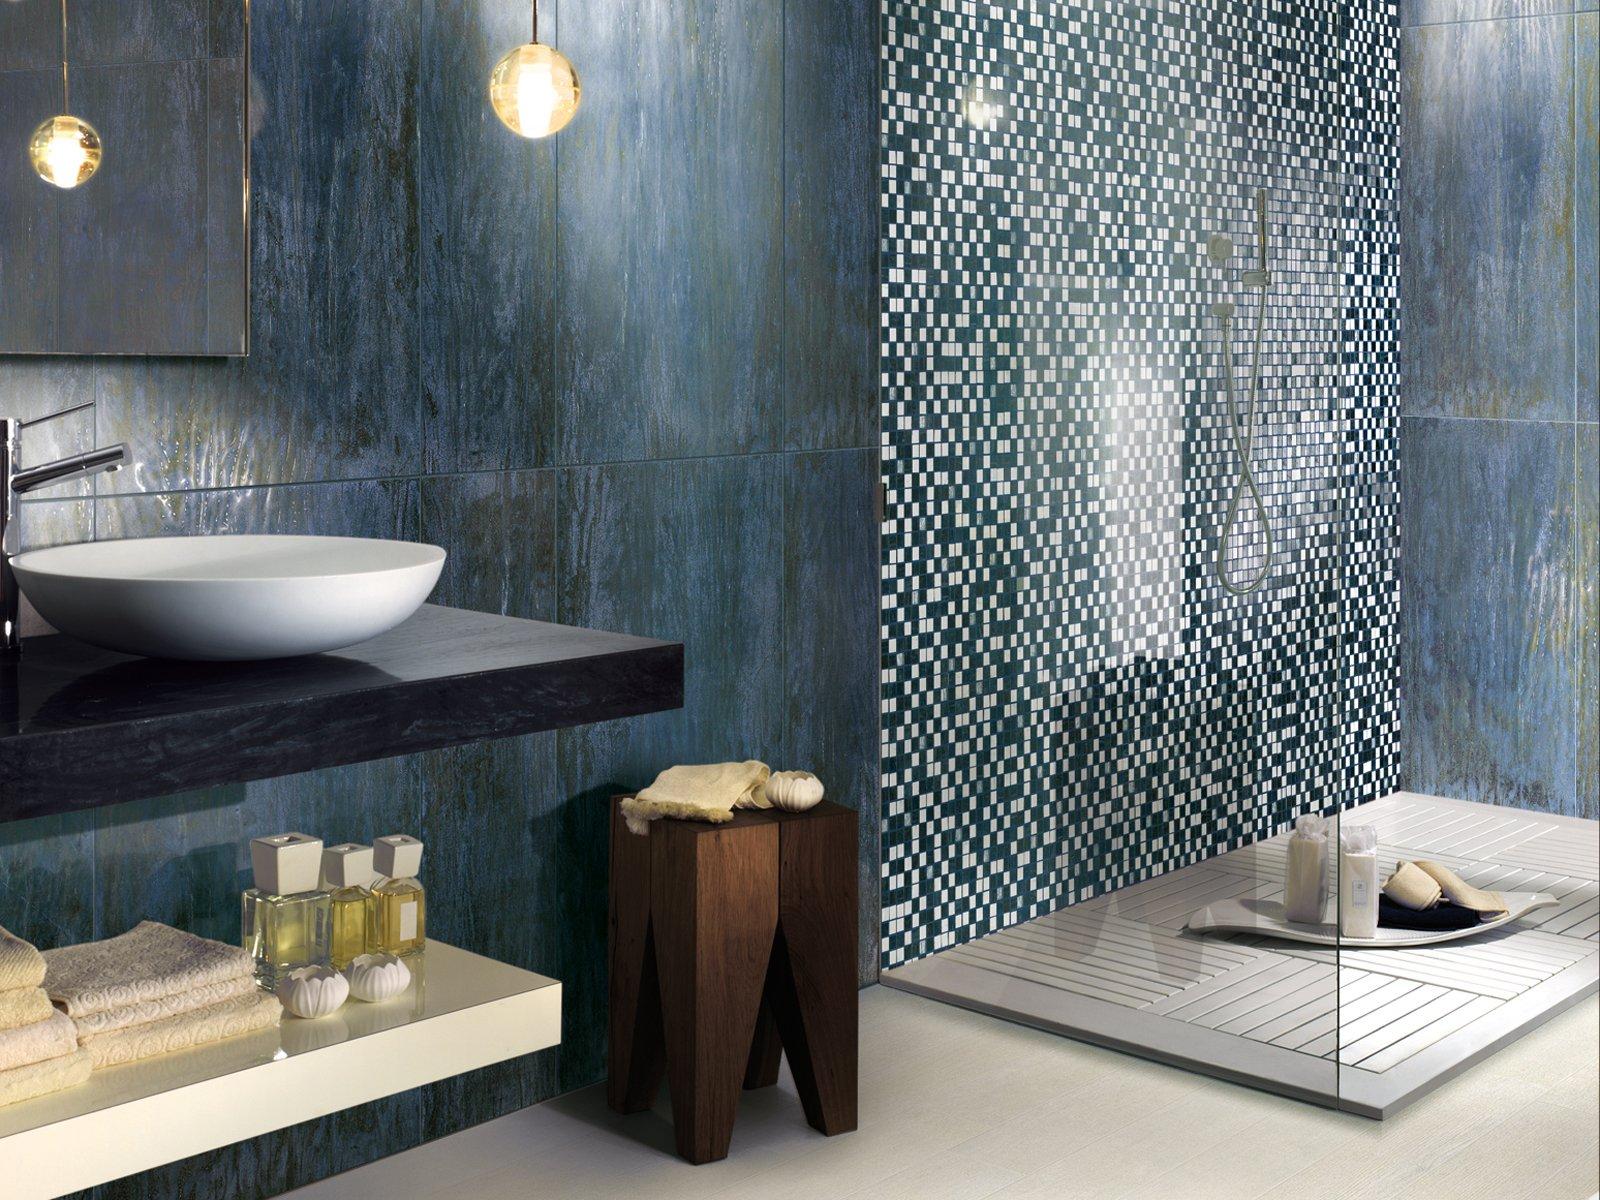 piastrelle mattoni moderni : Le piastrelle per interni in gres porcellanato smaltato sono ...